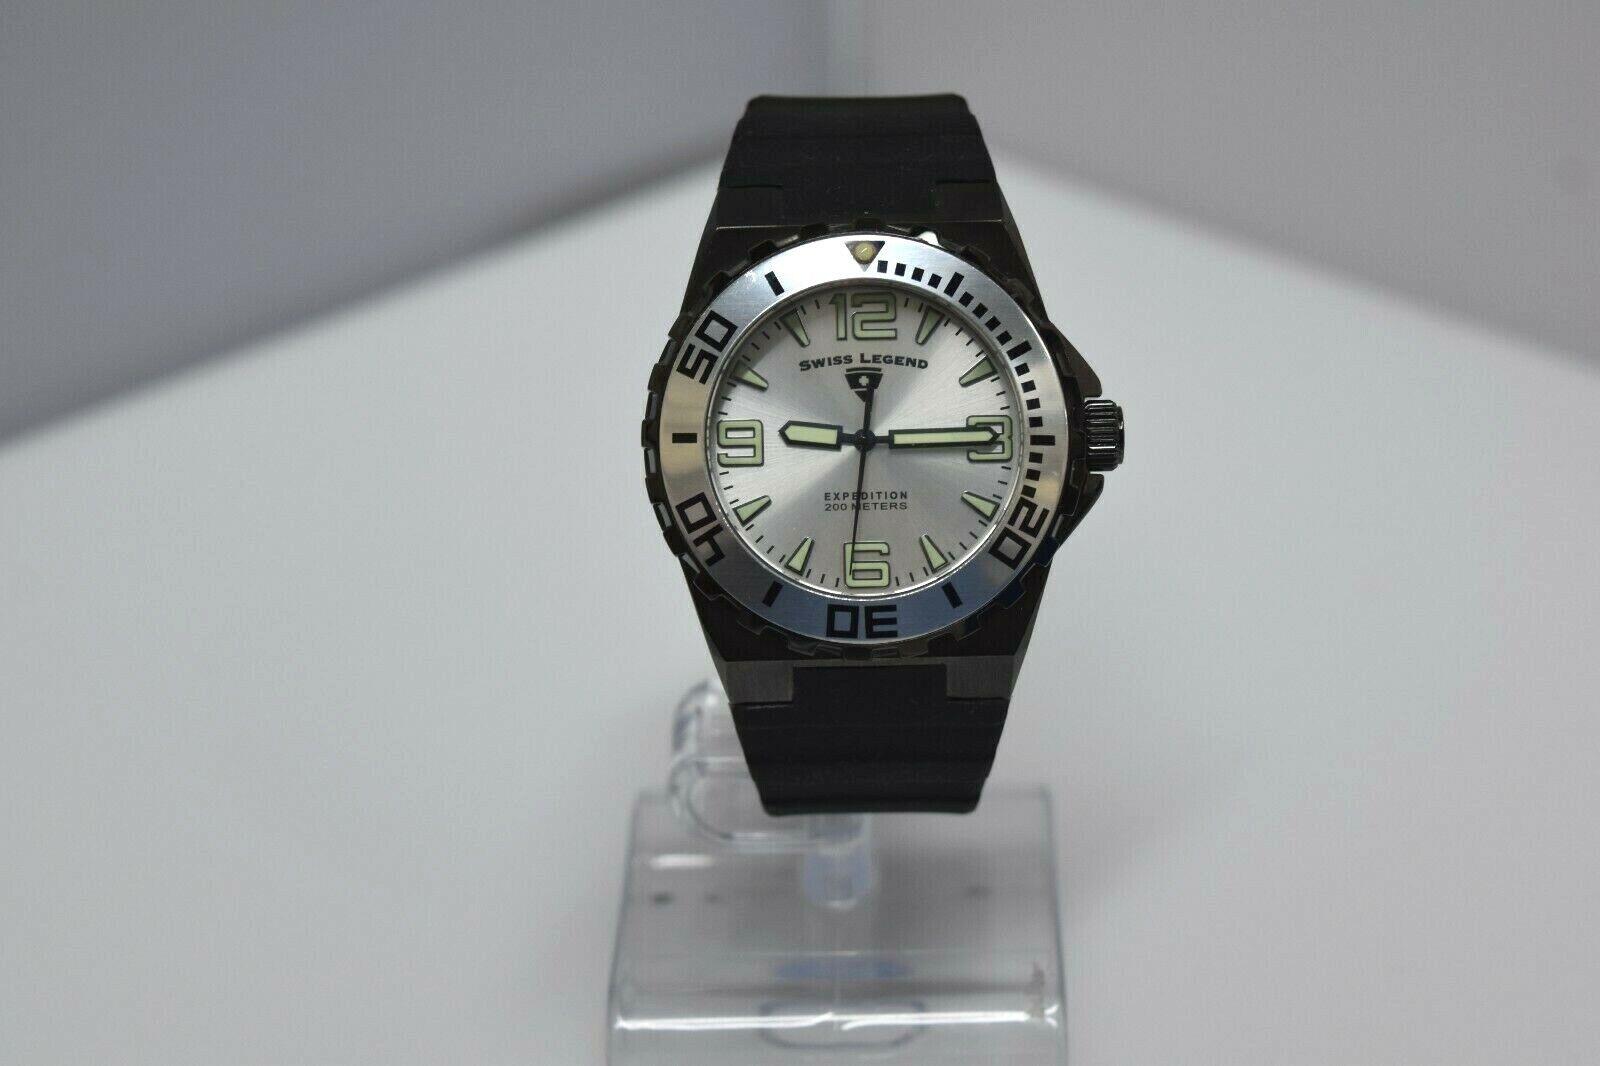 Swiss Legend Expedition Sapphitek 48mm 200M SL-10008 Watch Black/Black/Silver